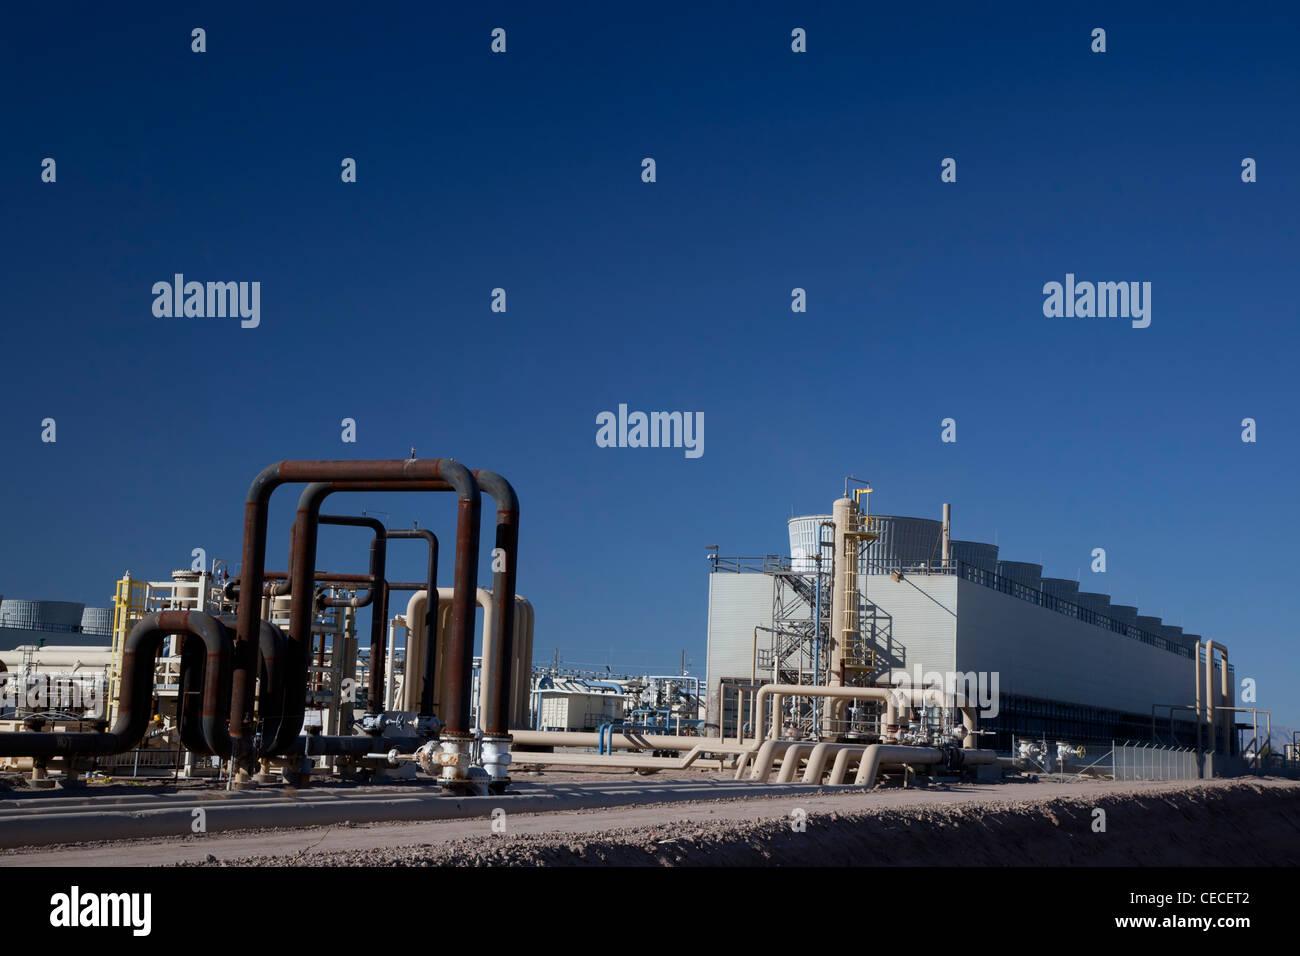 Instalaciones de Energía geotérmica Imagen De Stock